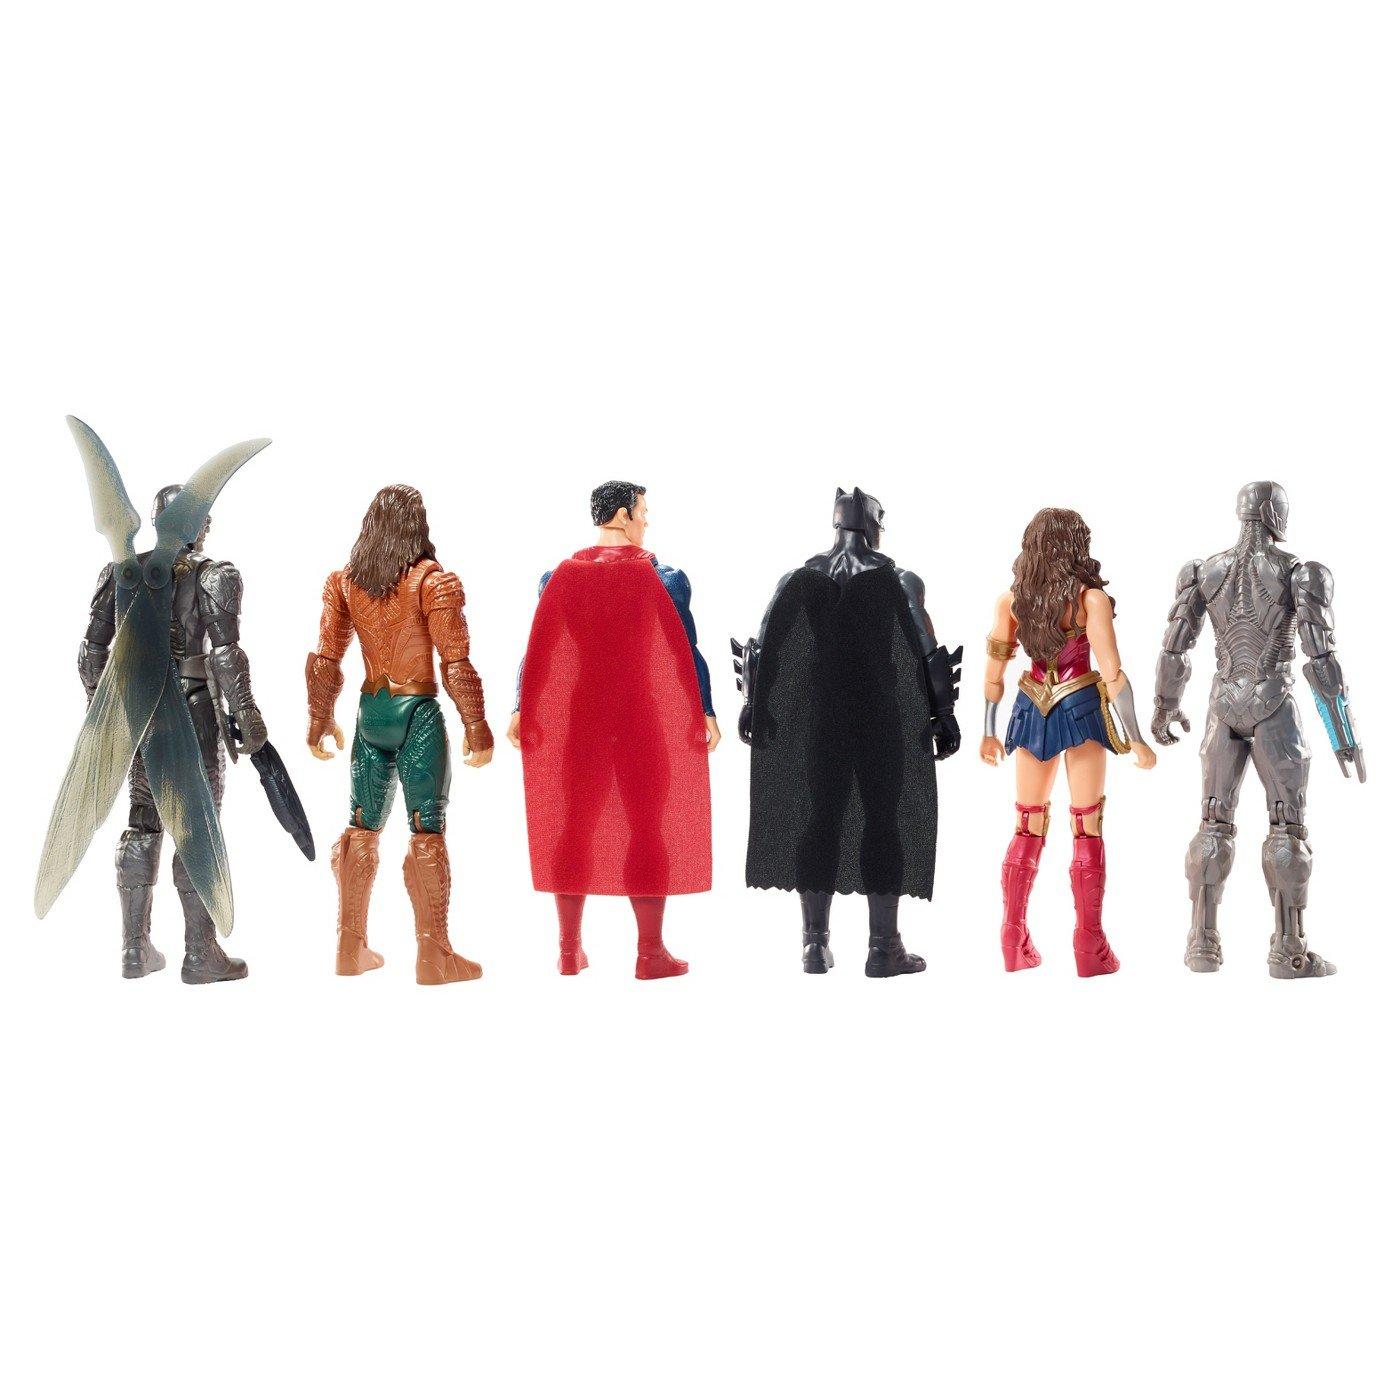 Batman Includes:Cyborg Super Deluxe Aquaman /& Parademon DC Justice League 12 Action Figures 6 Pack Superman Wonder Woman